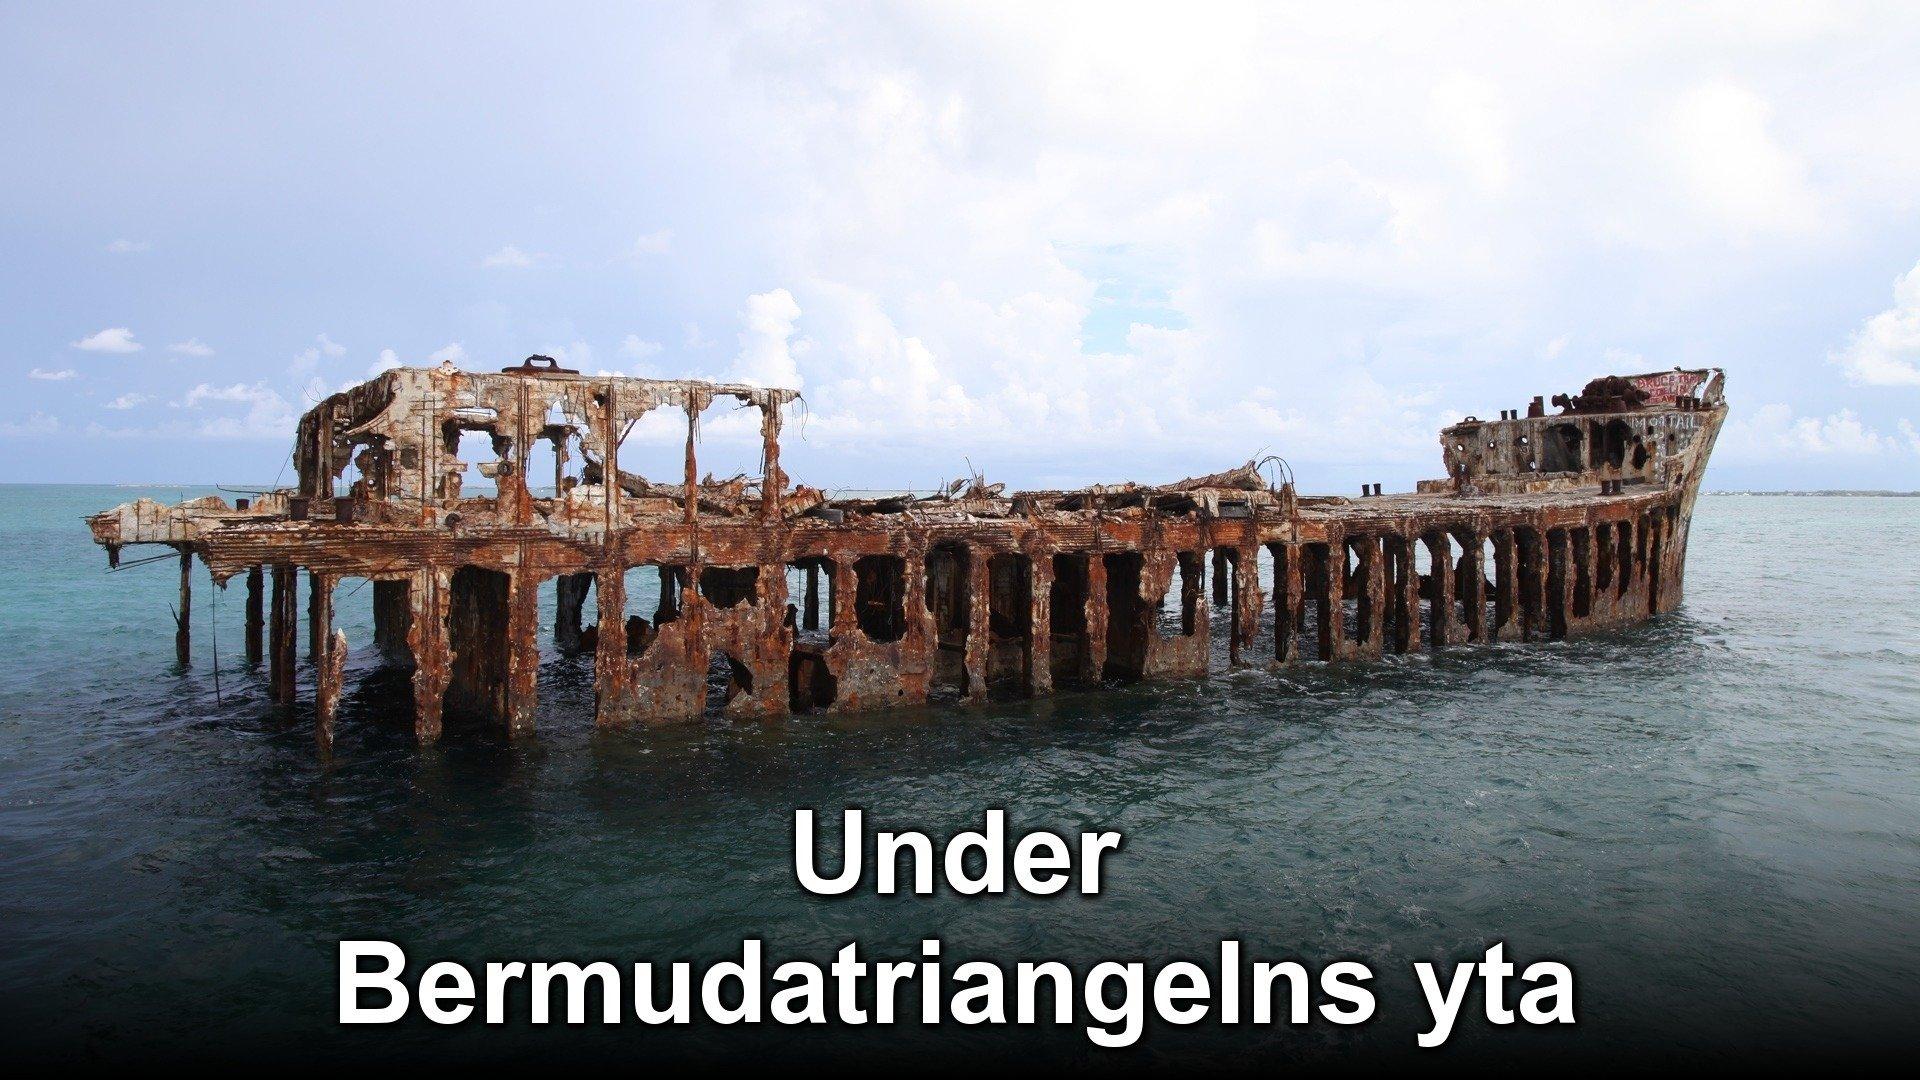 Under Bermudatriangelns yta